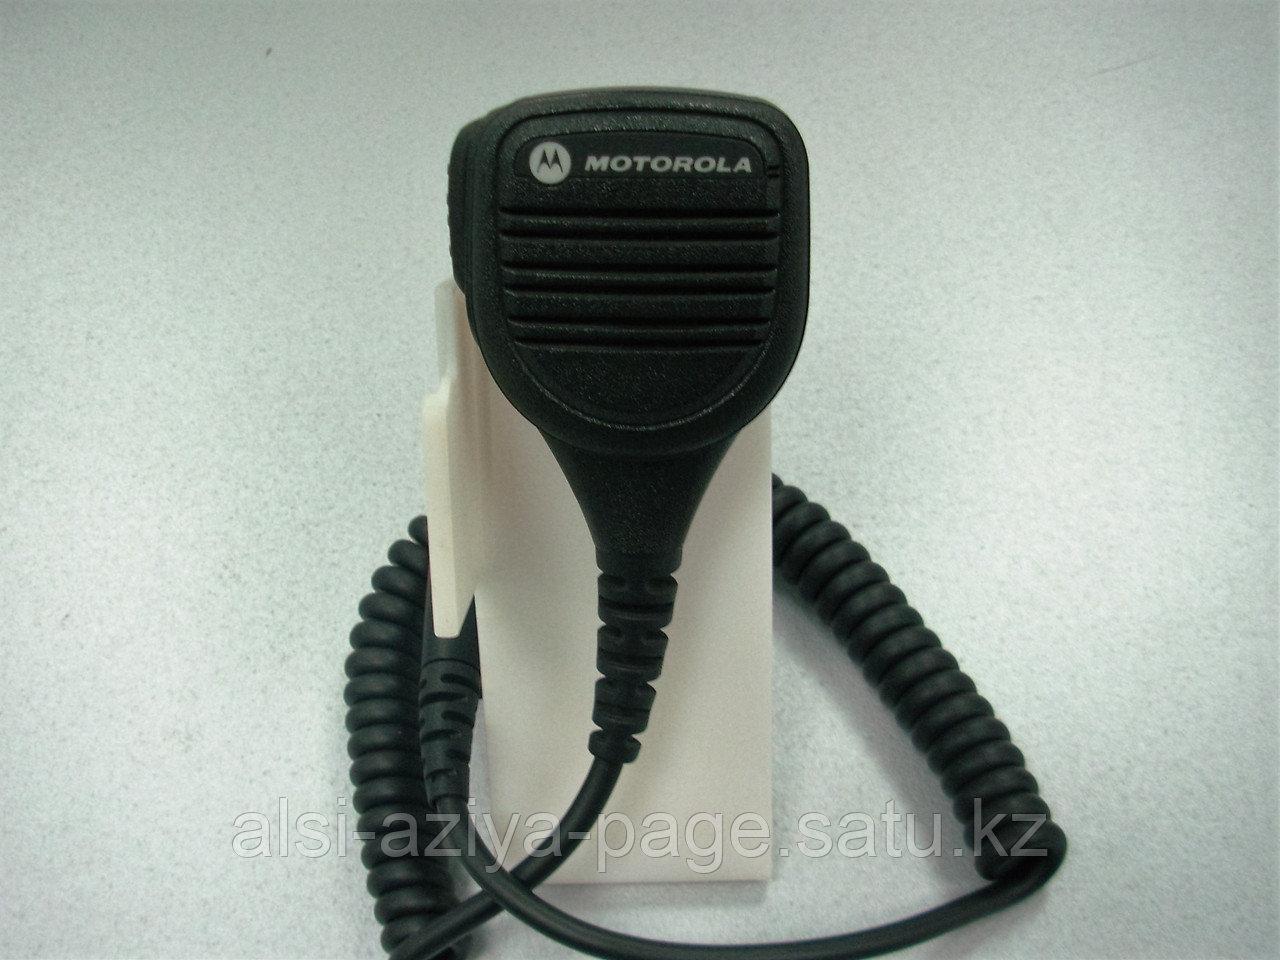 Микрофон для радиостанции Motorola CP140/160/180